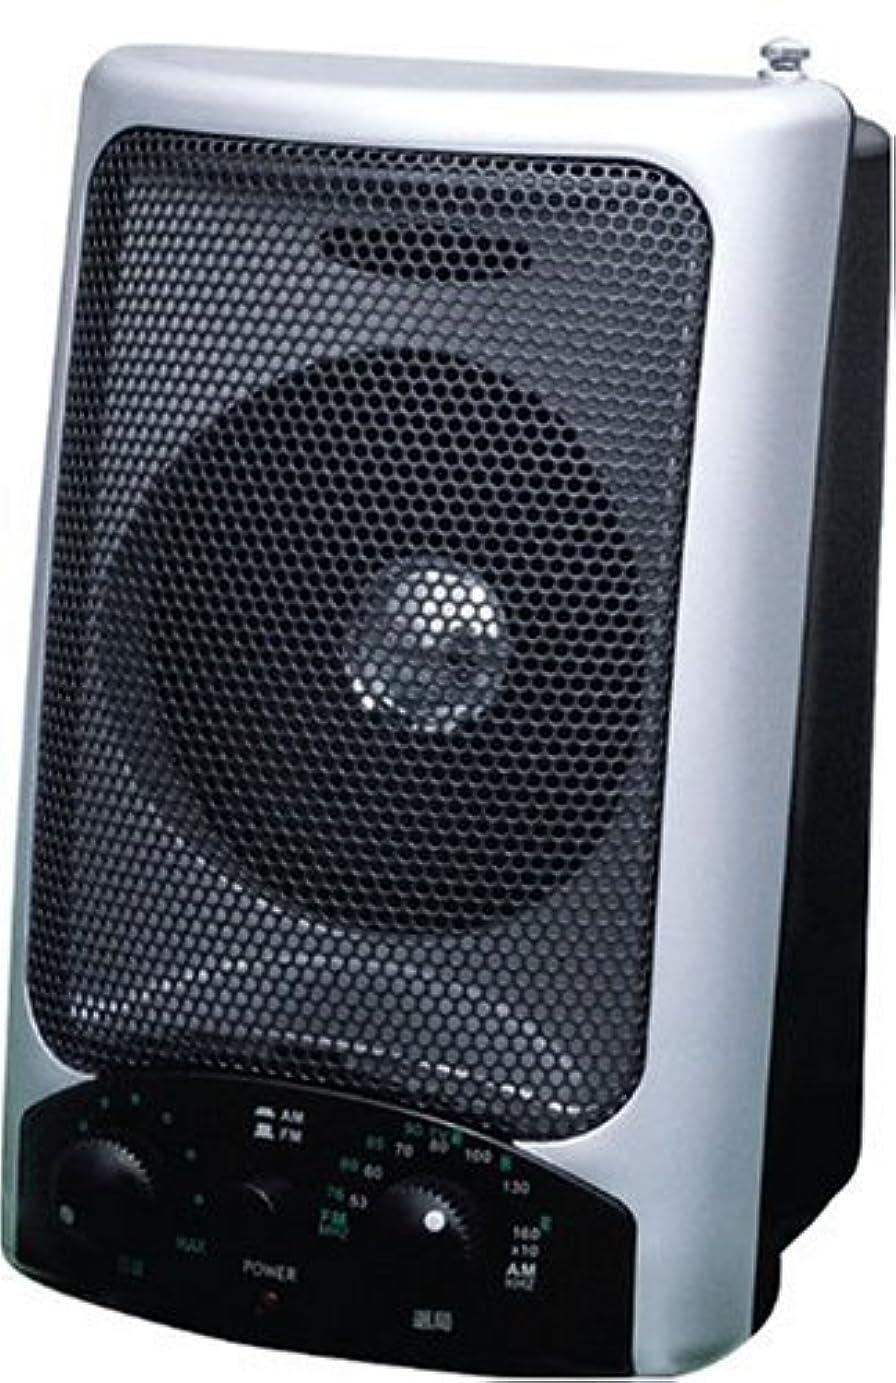 銀河公絶望的なELPA(エルパ) AM/FMスピーカーラジオ ER-18F